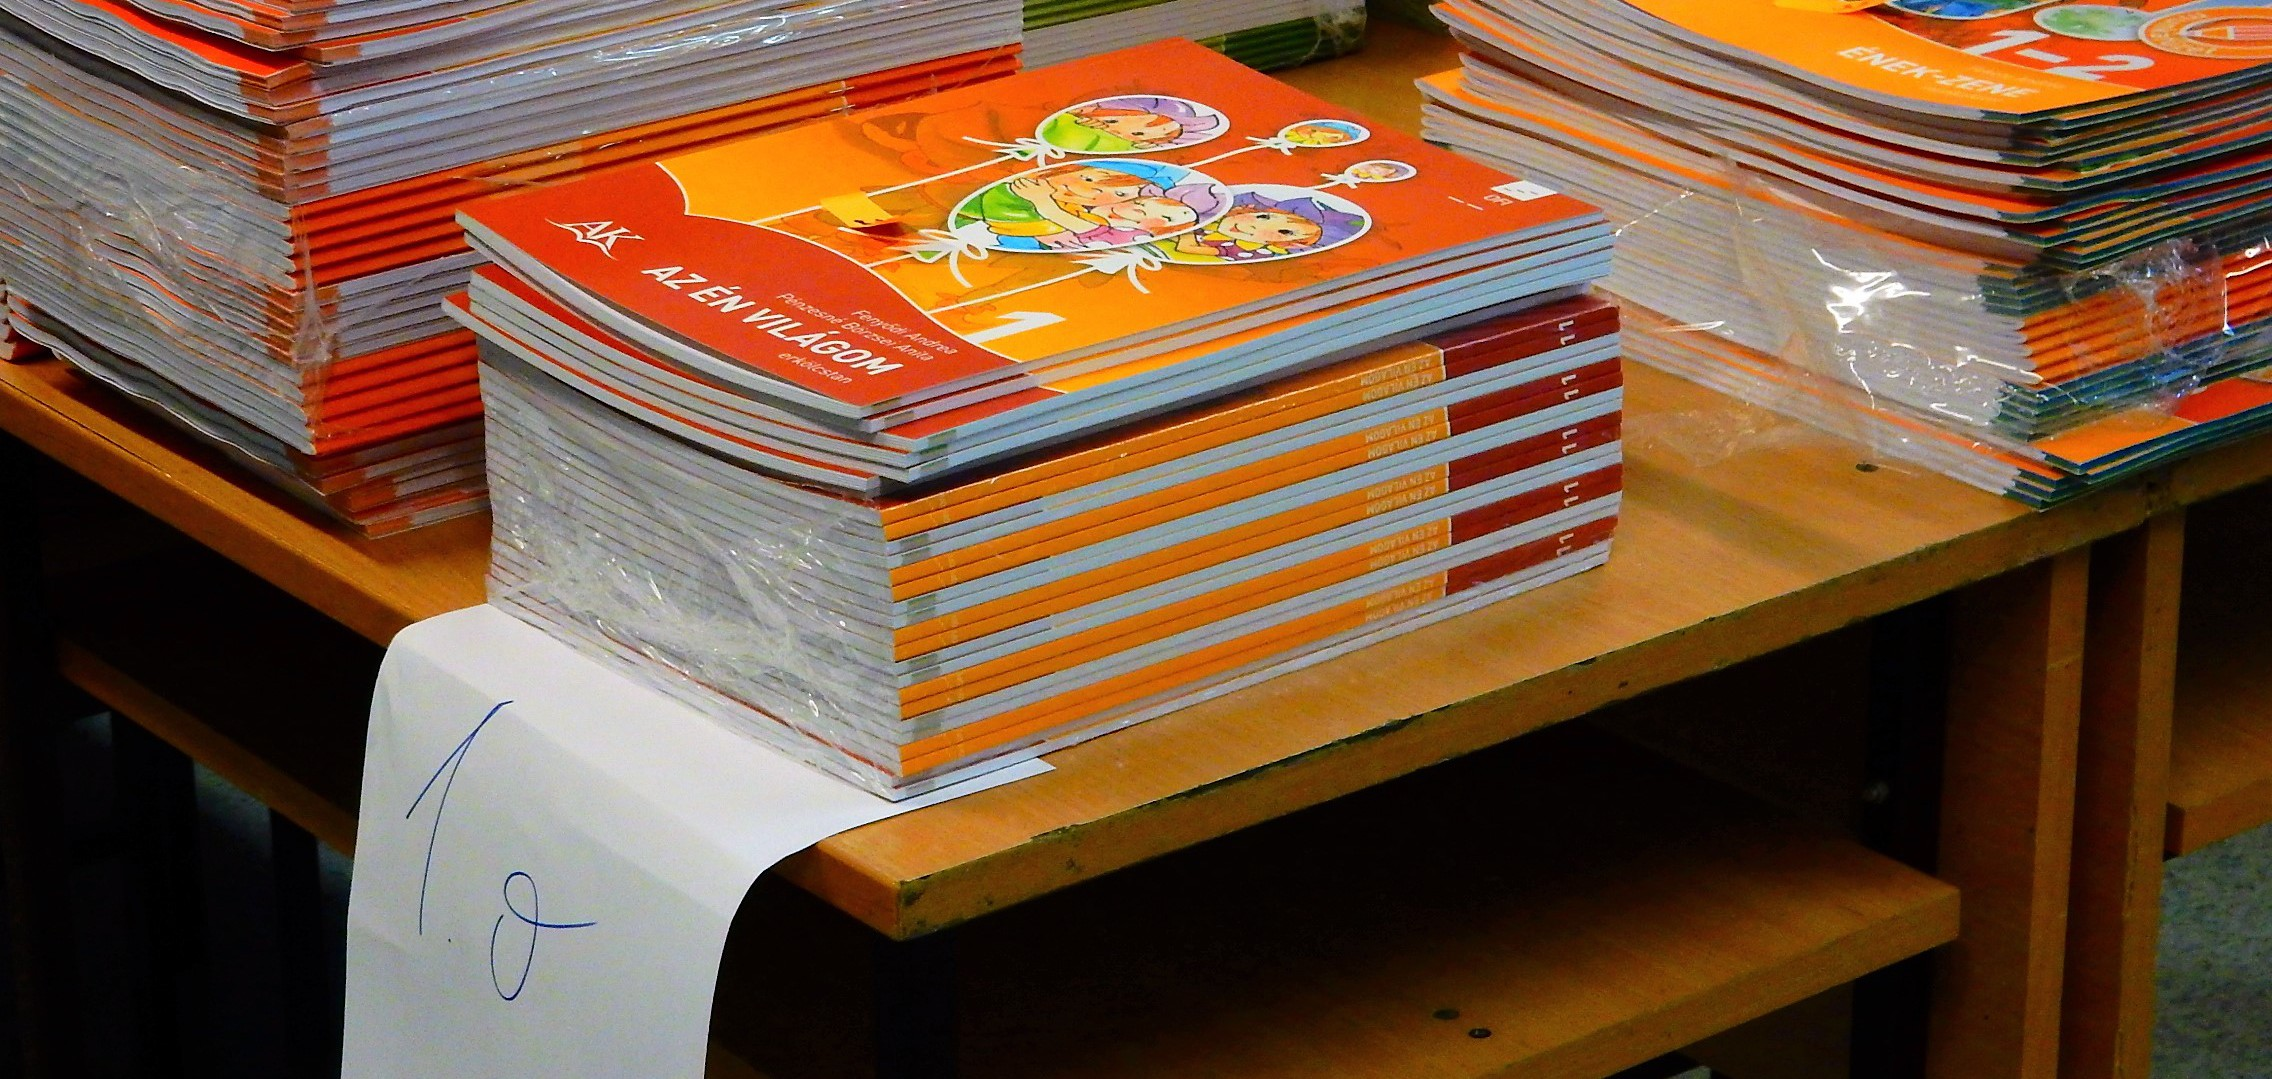 Megérkeztek az idei tankönyvek